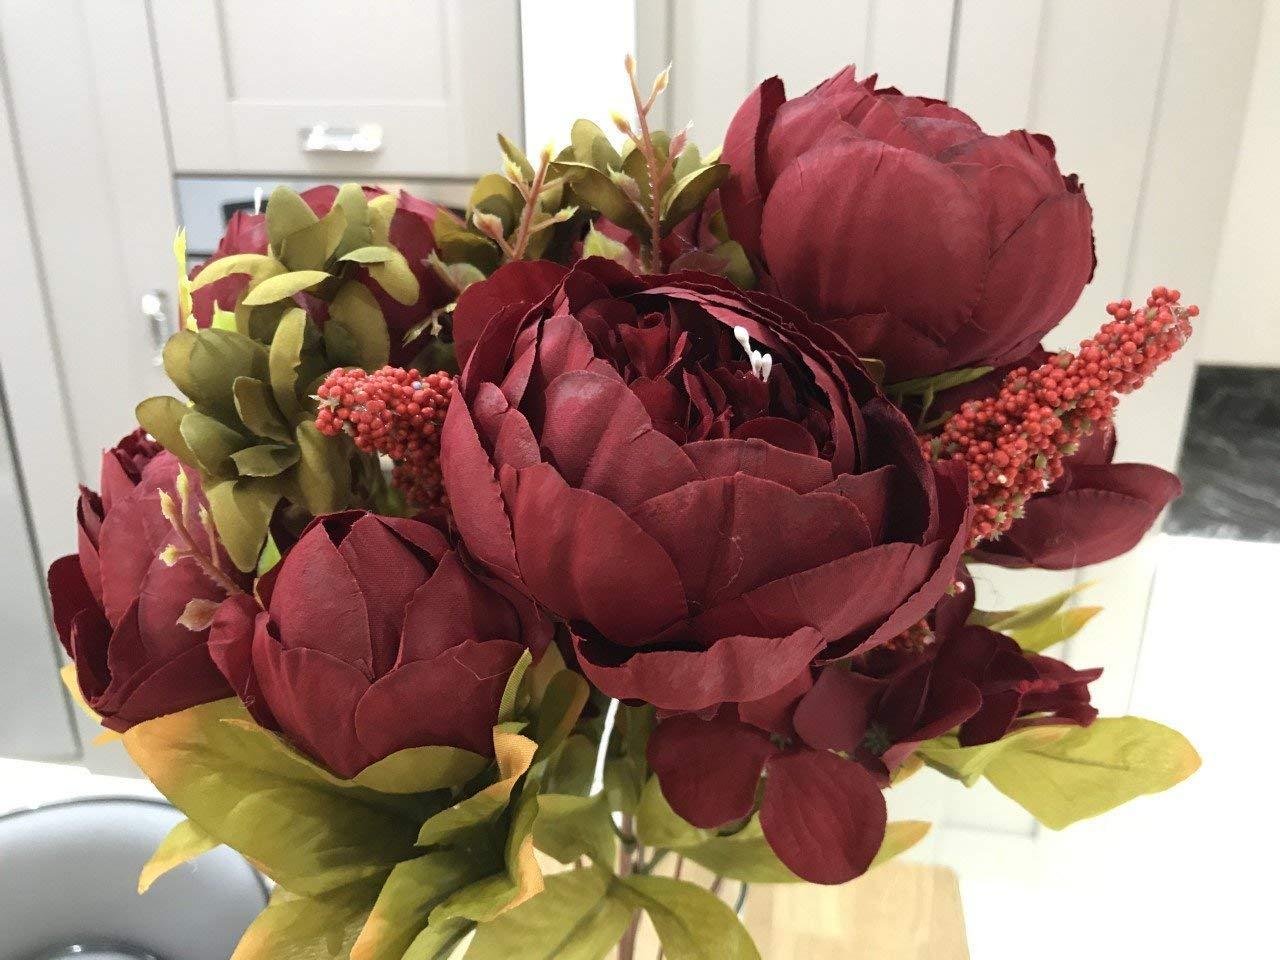 silk flower arrangements maylife 50cm vintage silk flower peony spray bouquet wedding home decoration arrangement (burgundy)